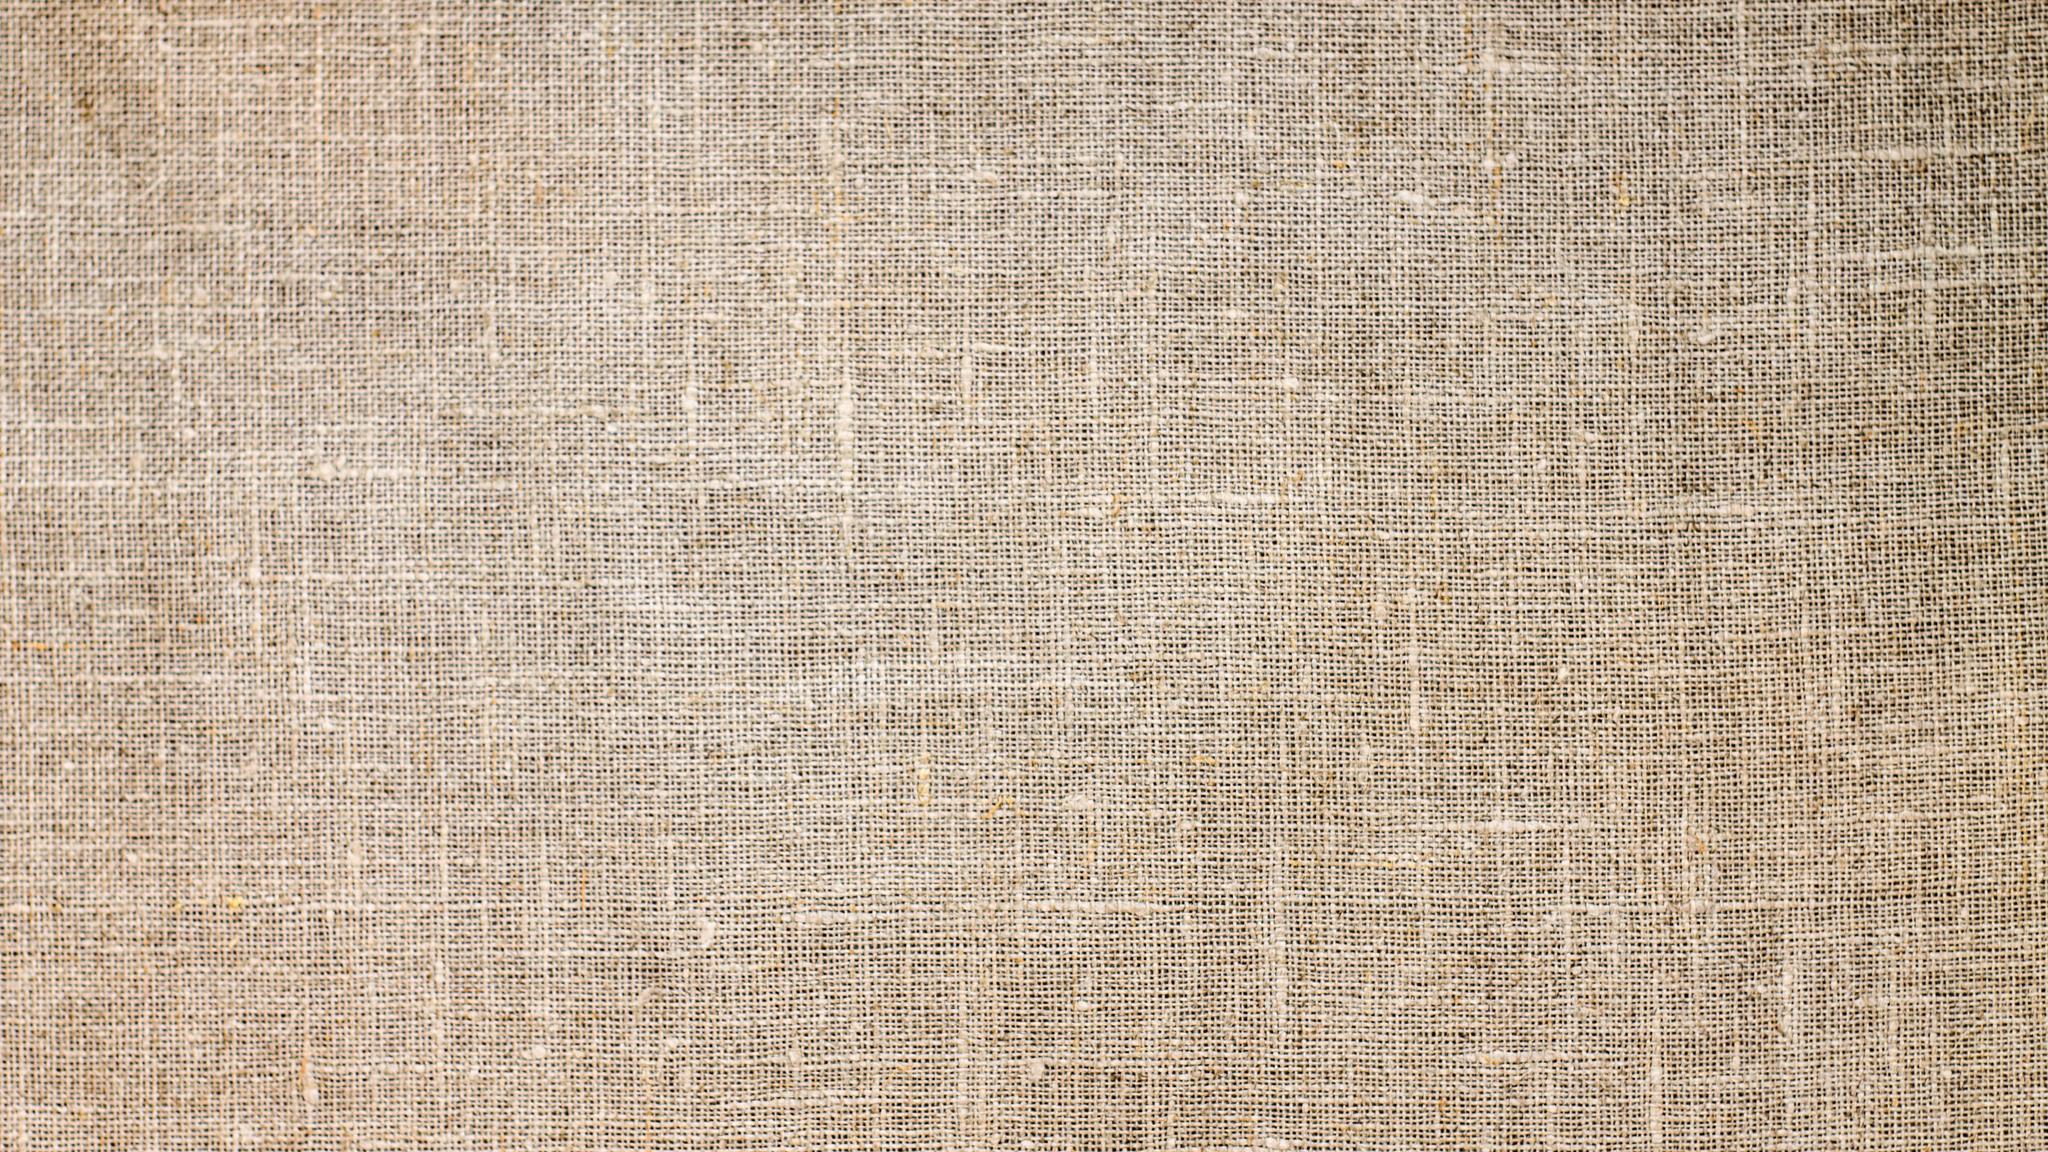 https://hdqwalls.com/download/fabric-texture-pattern-5k-1e-2048x1152